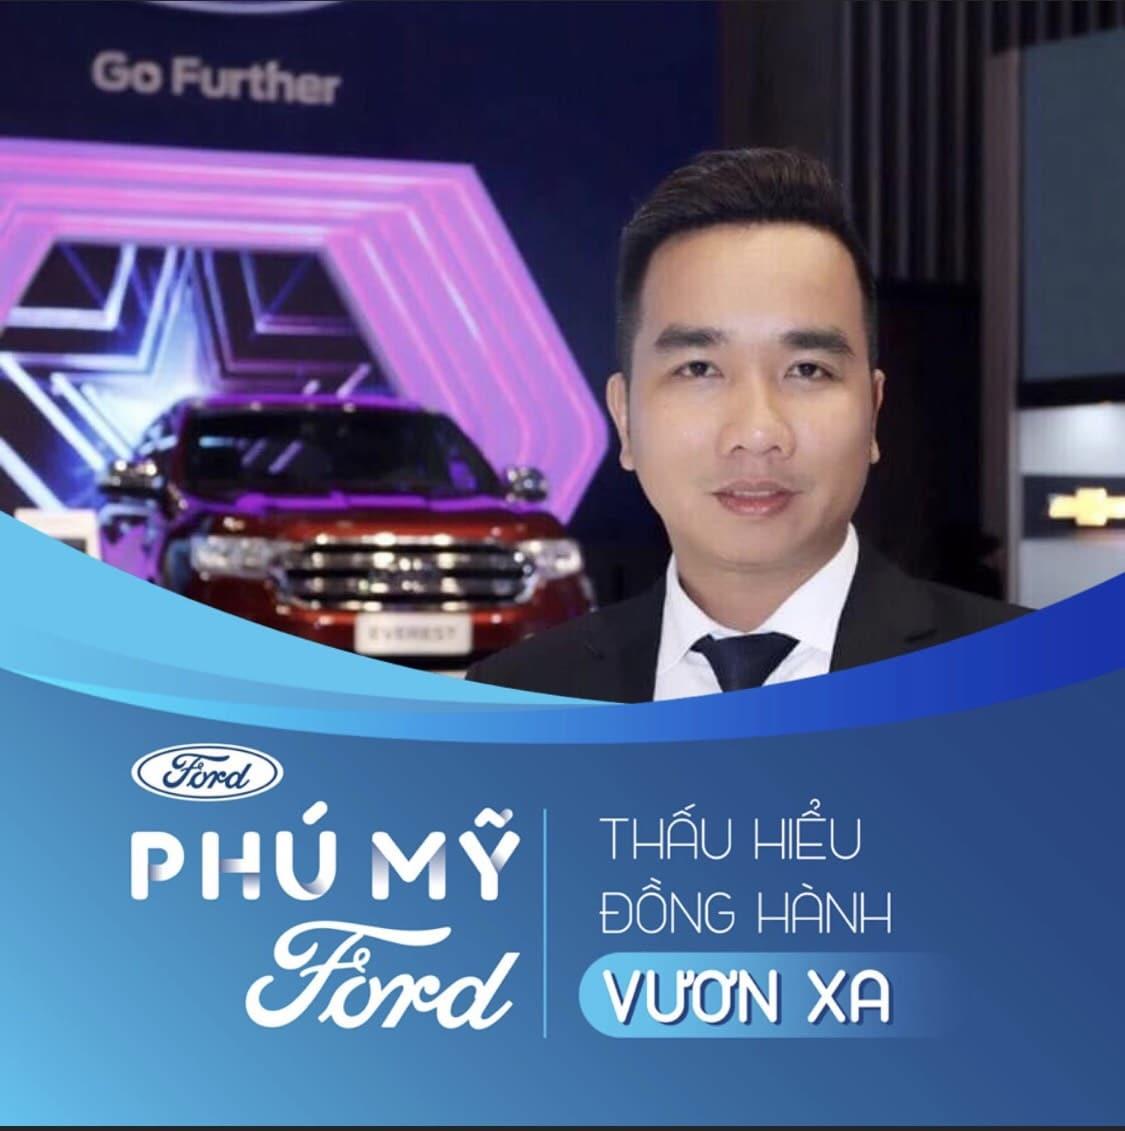 Hoang-nam-ford